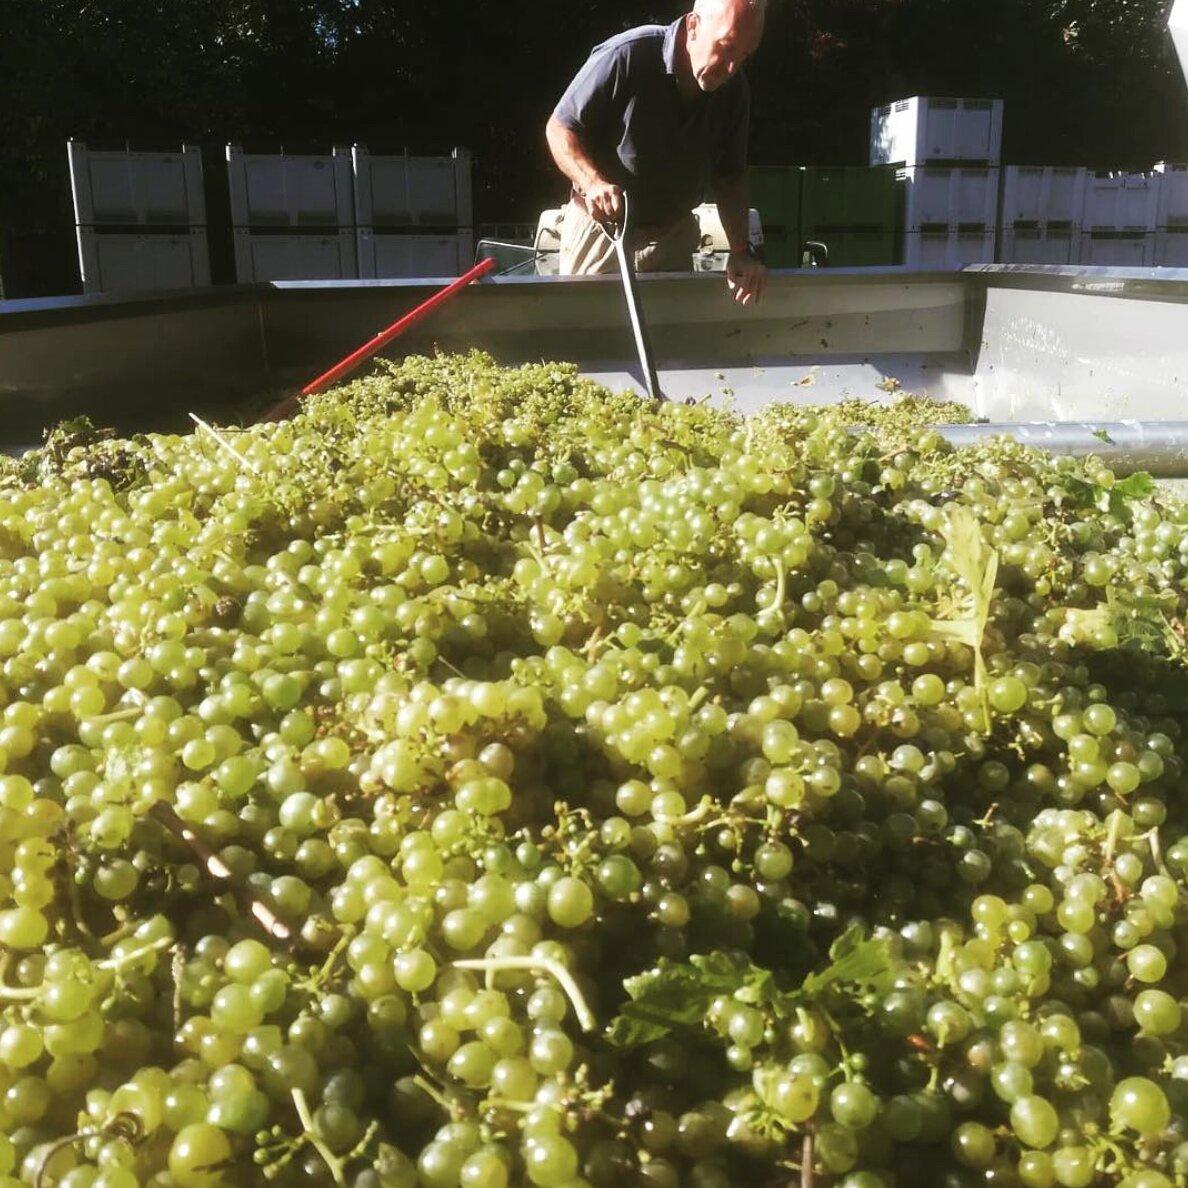 Denbies+-+Reichensteiner%2C+Harvest+2018.jpg